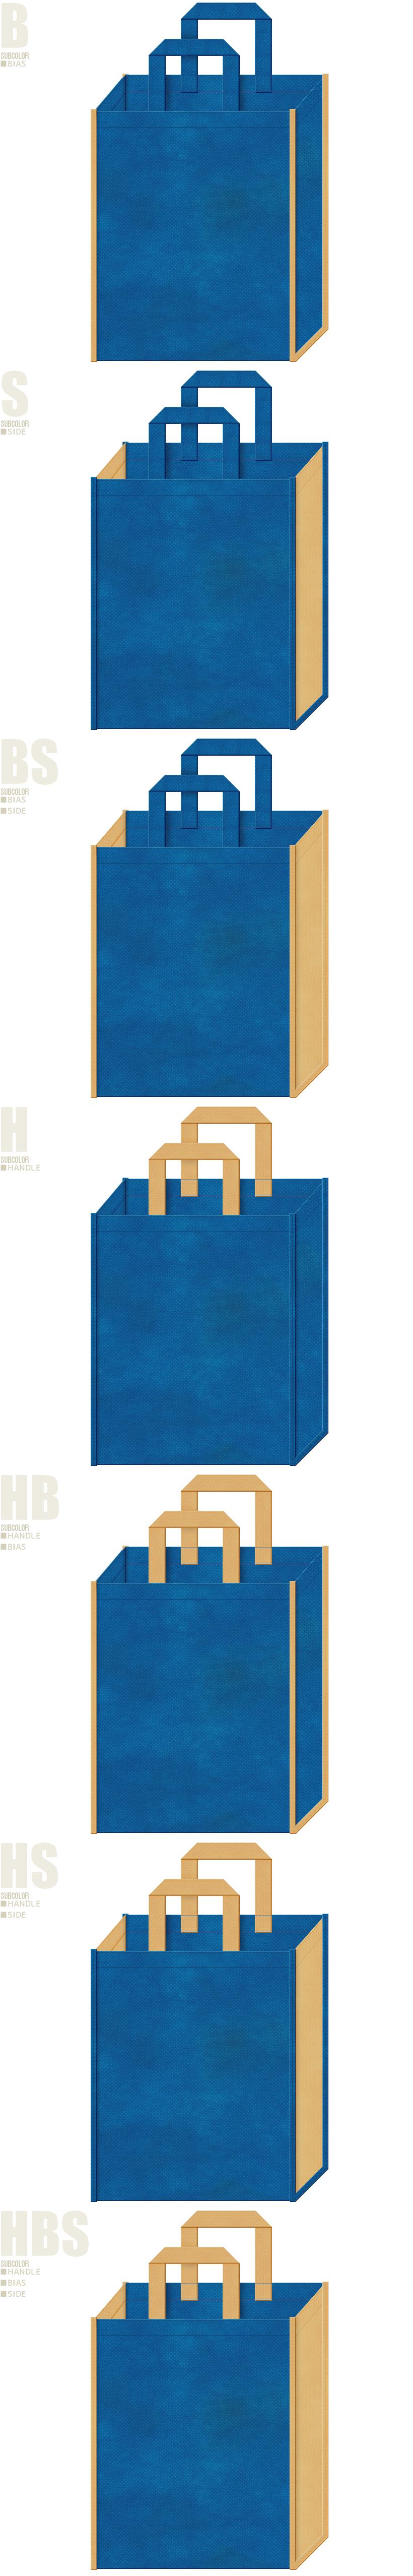 絵本・おとぎ話・テーマパーク・オンラインゲーム・ロールプレイングゲームの展示会用バッグにお奨めの不織布バッグデザイン:青色と薄黄土色の配色7パターン